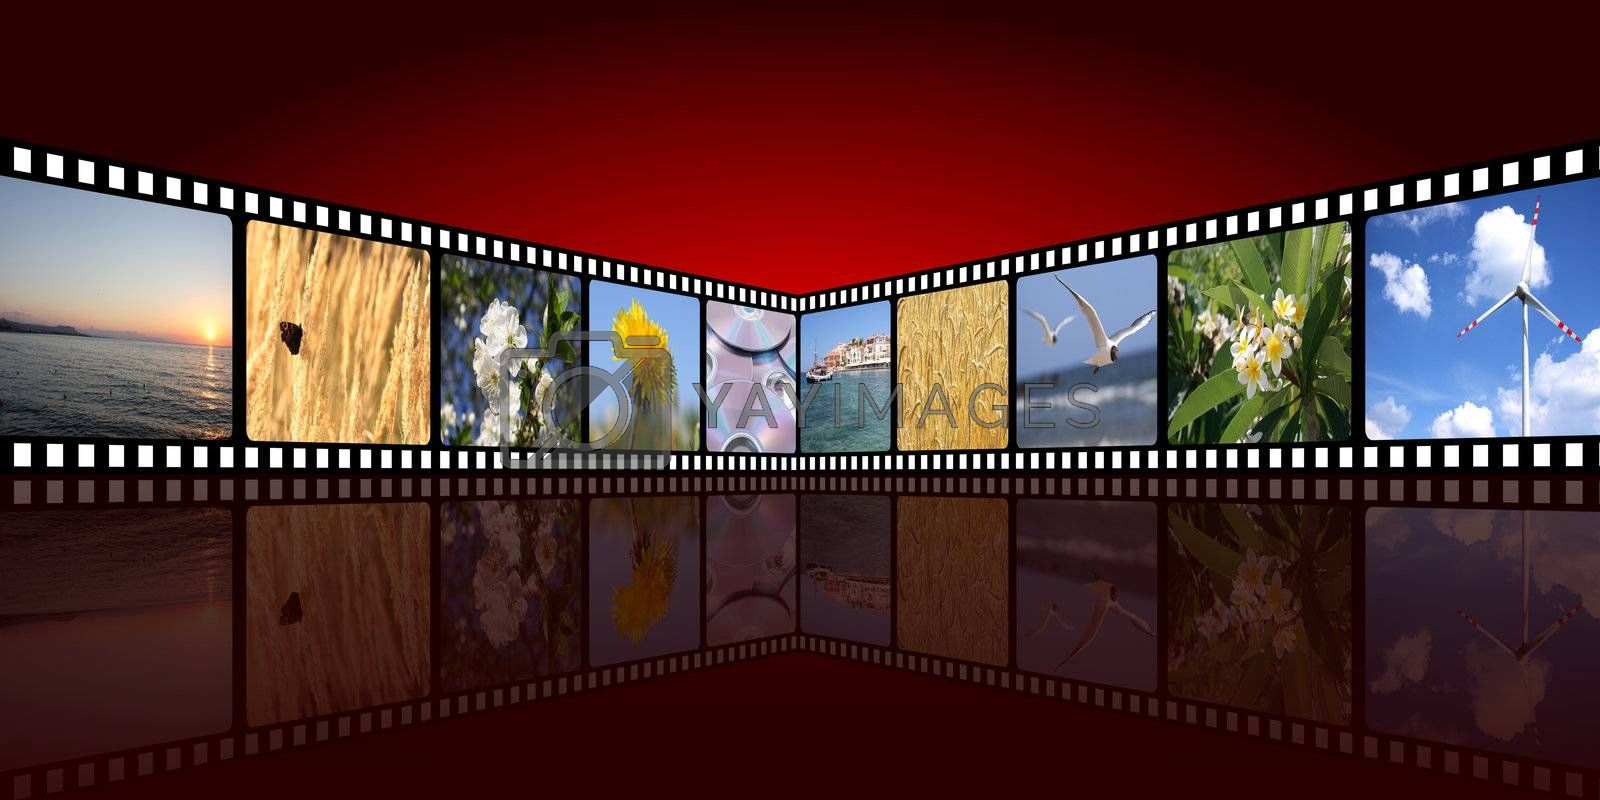 movie background